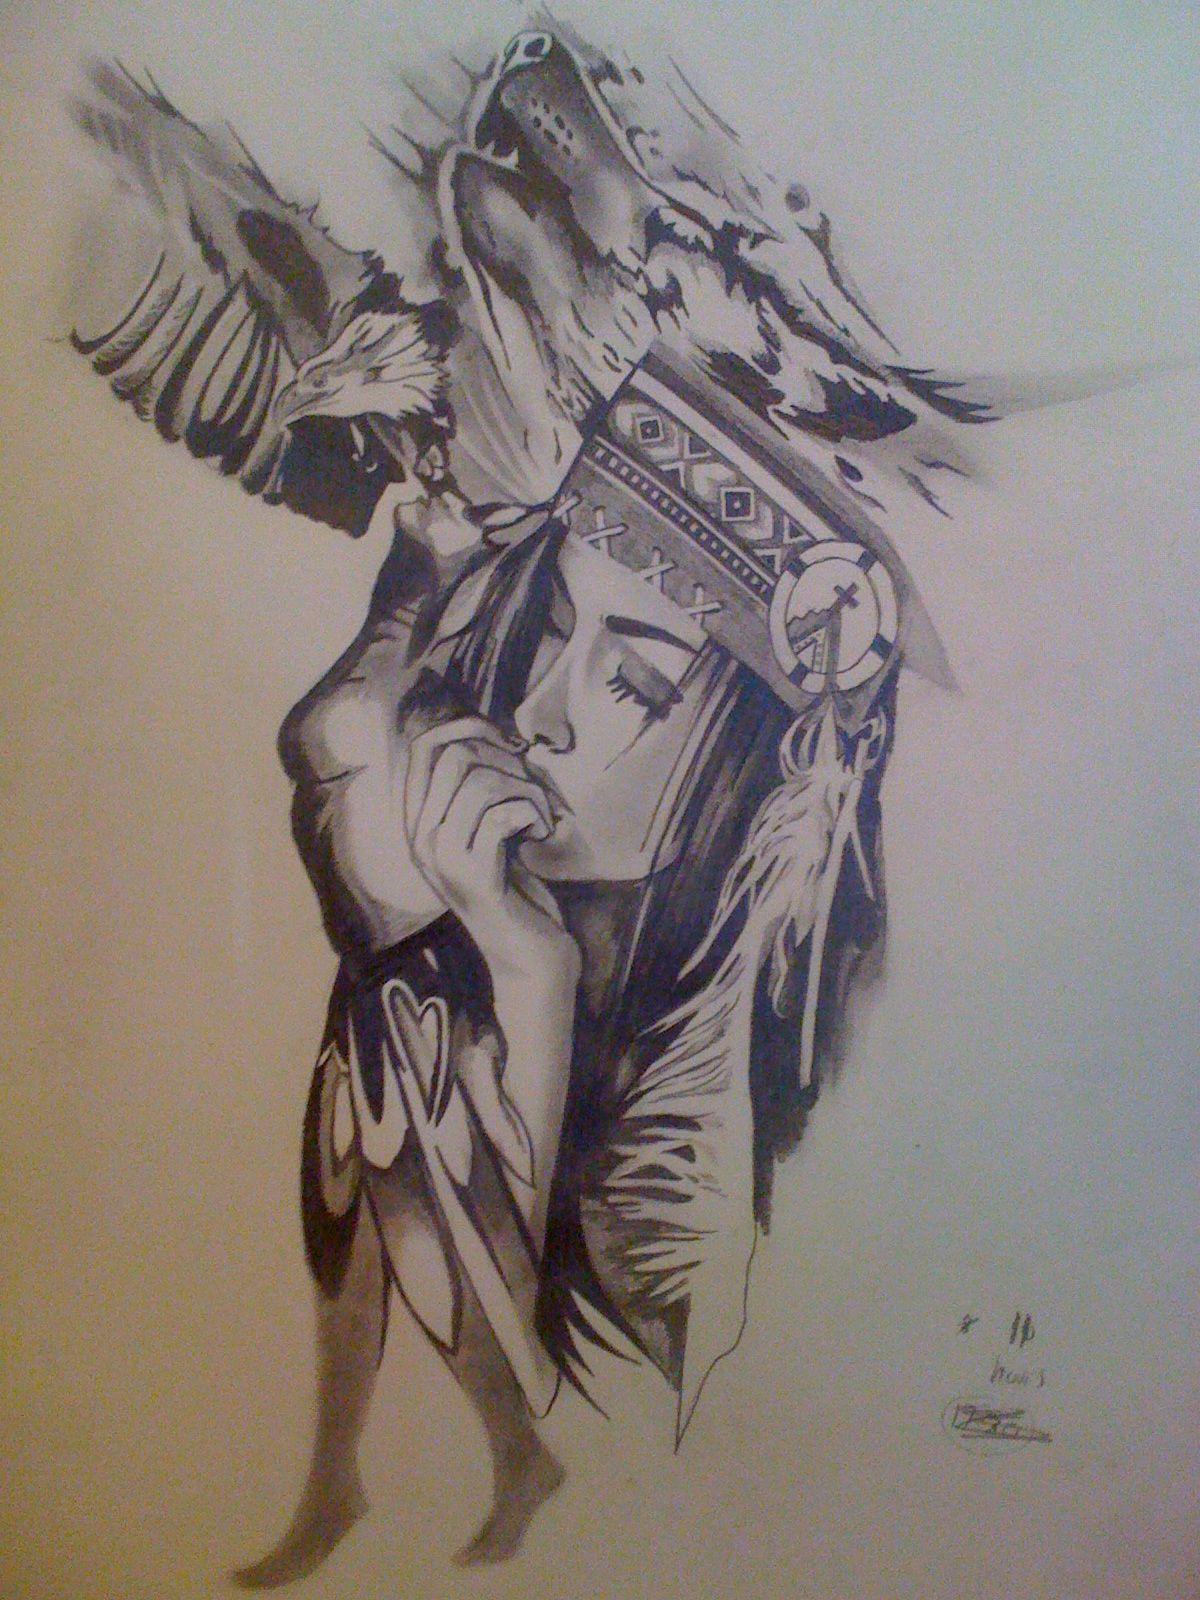 Pin eulen tattoo bedeutungen f on pinterest - Zeichnungen Indianer Tattoo